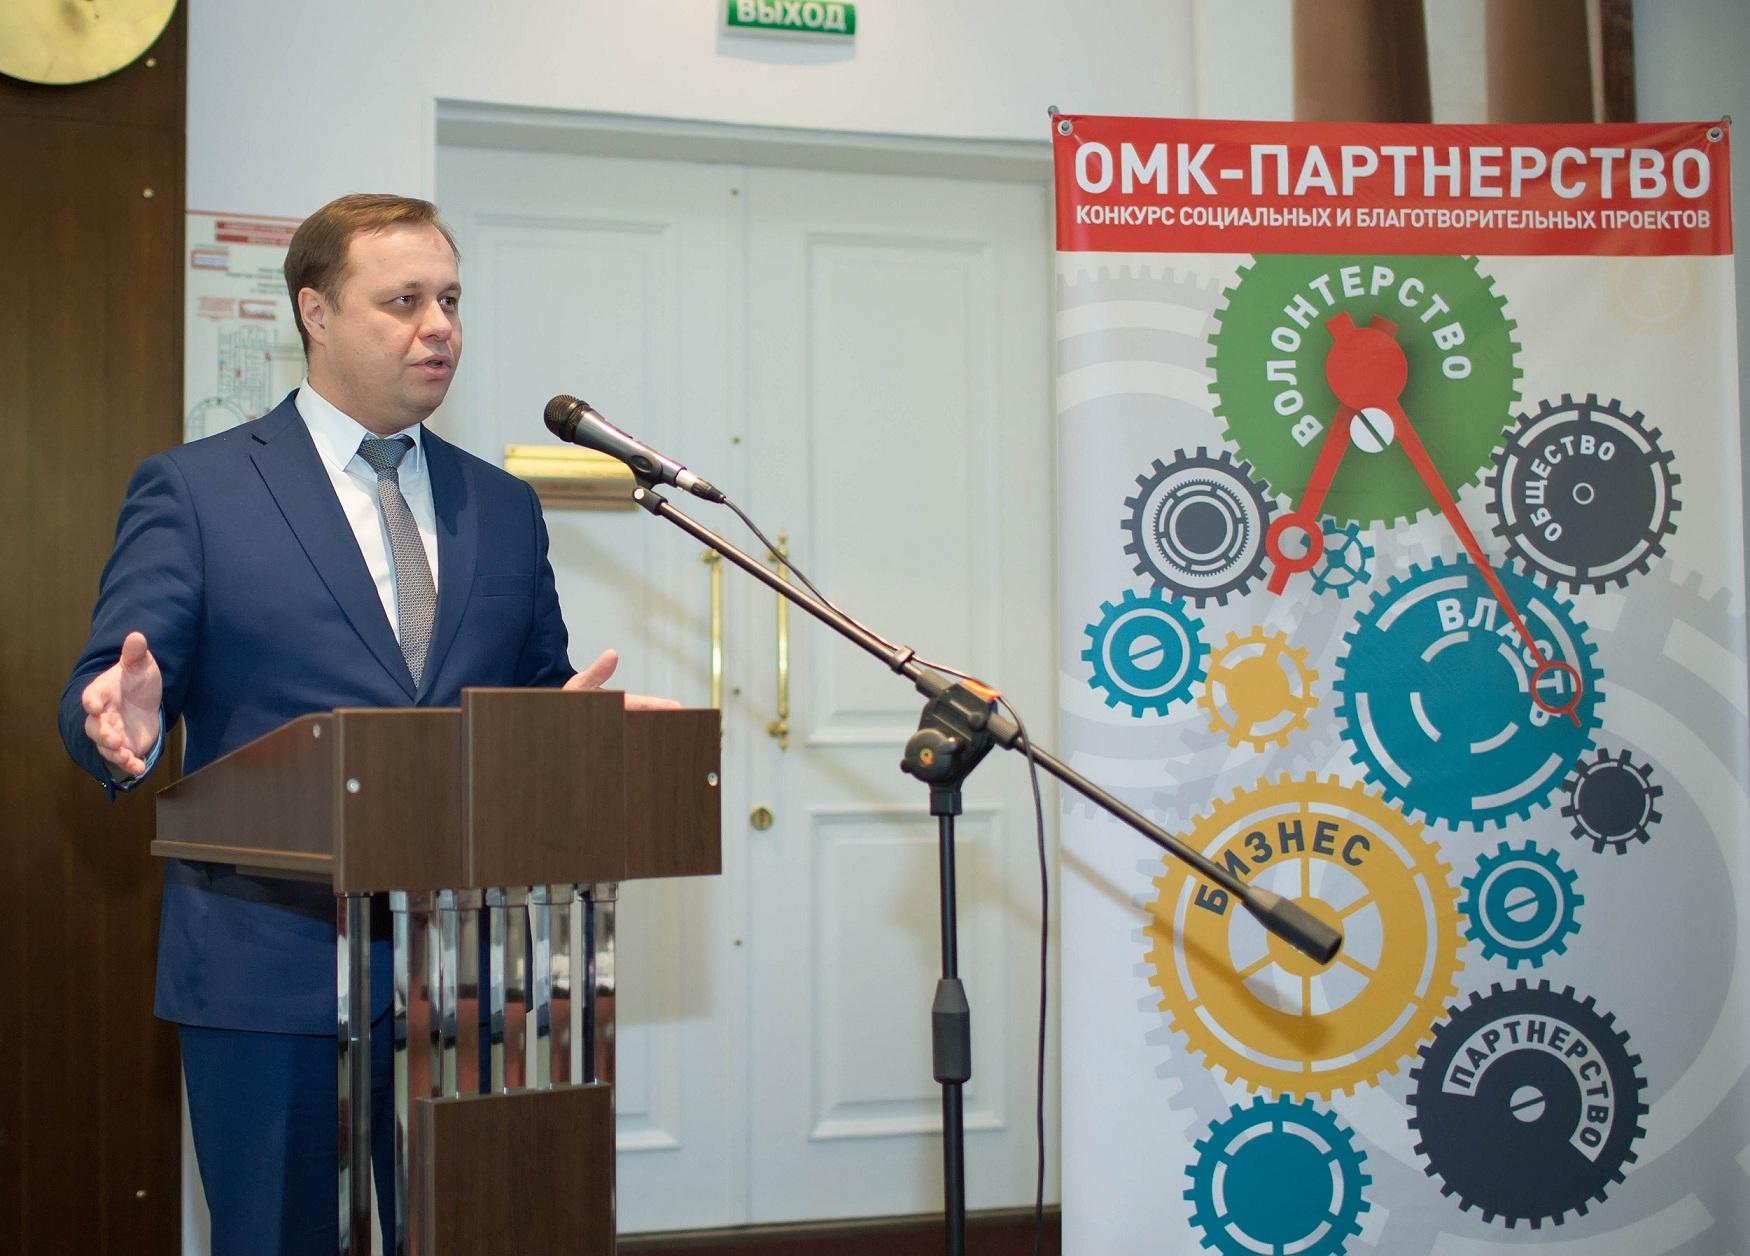 ОМК представила в Выксе пятый конкурс социальных и благотворительных проектов «ОМК-Партнерство»